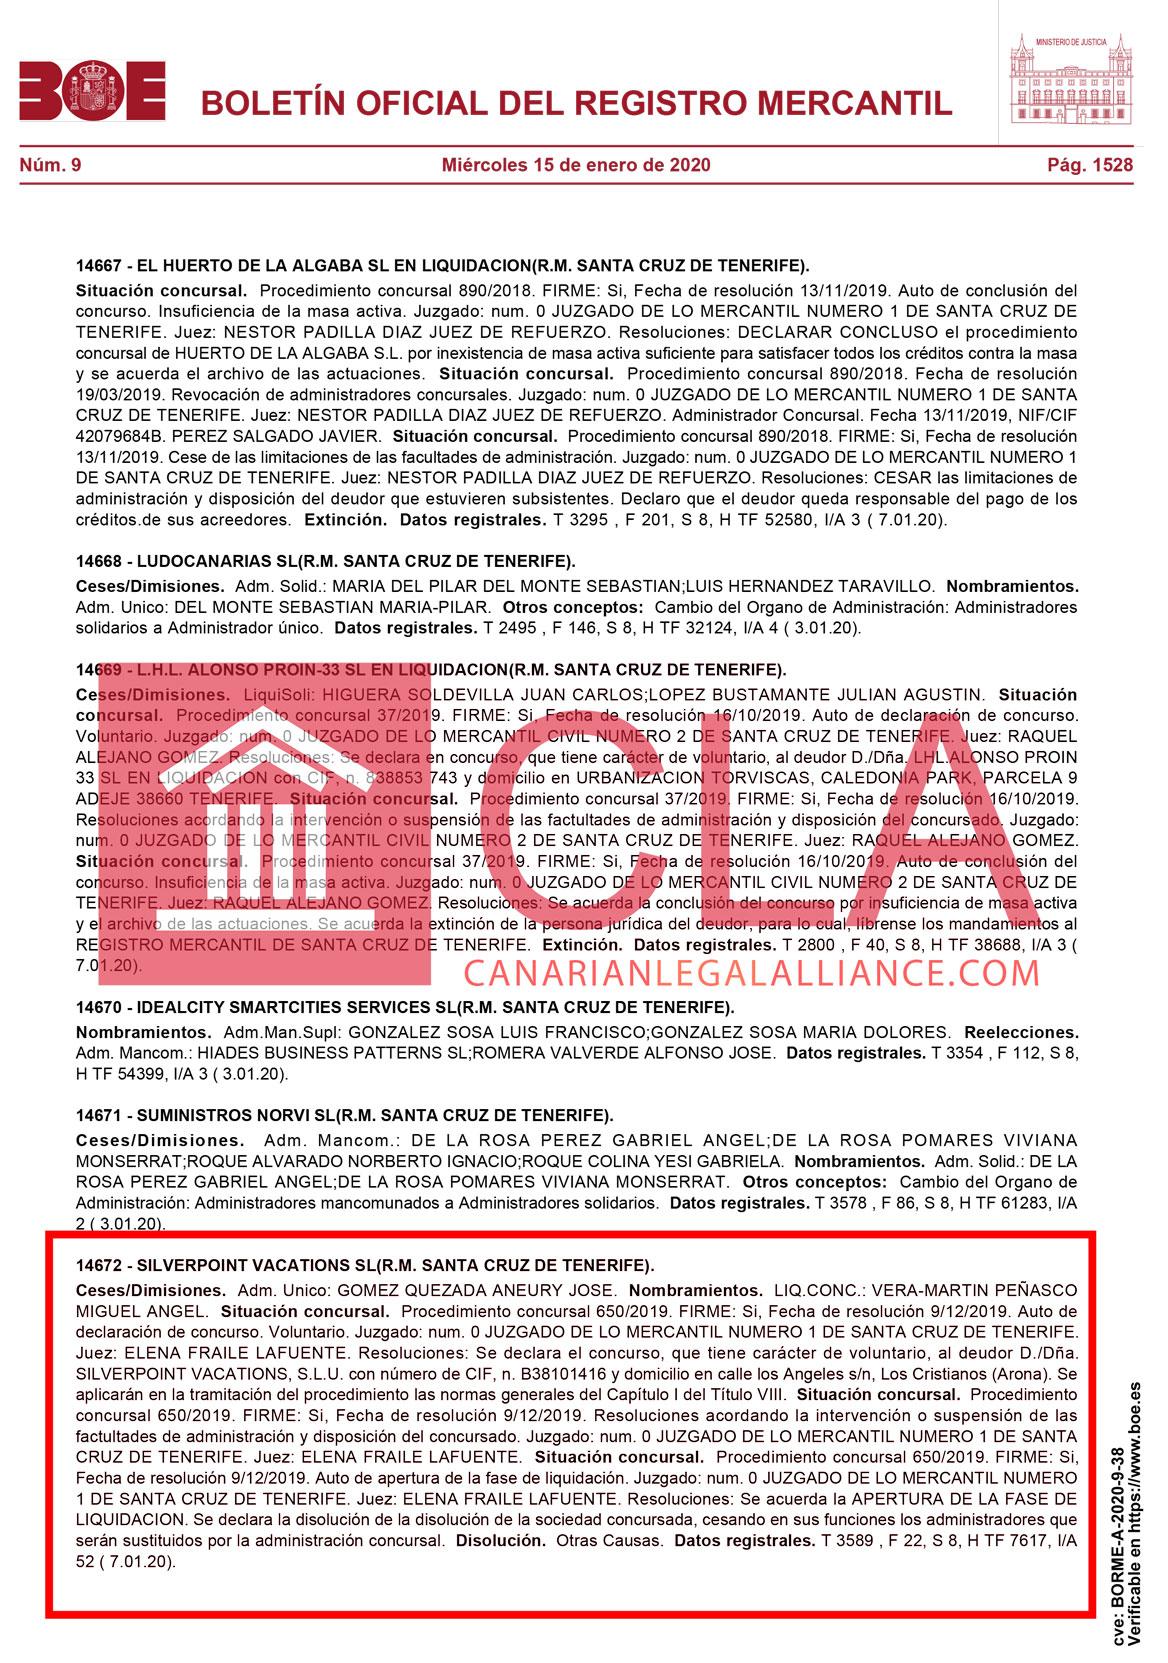 BORME-A-2020-9-38-CESE-DEL-ADMINISTRADOR-Y-NOMBRAMIENTO-DE-LIQUIDADOR-CONCURSAL-3